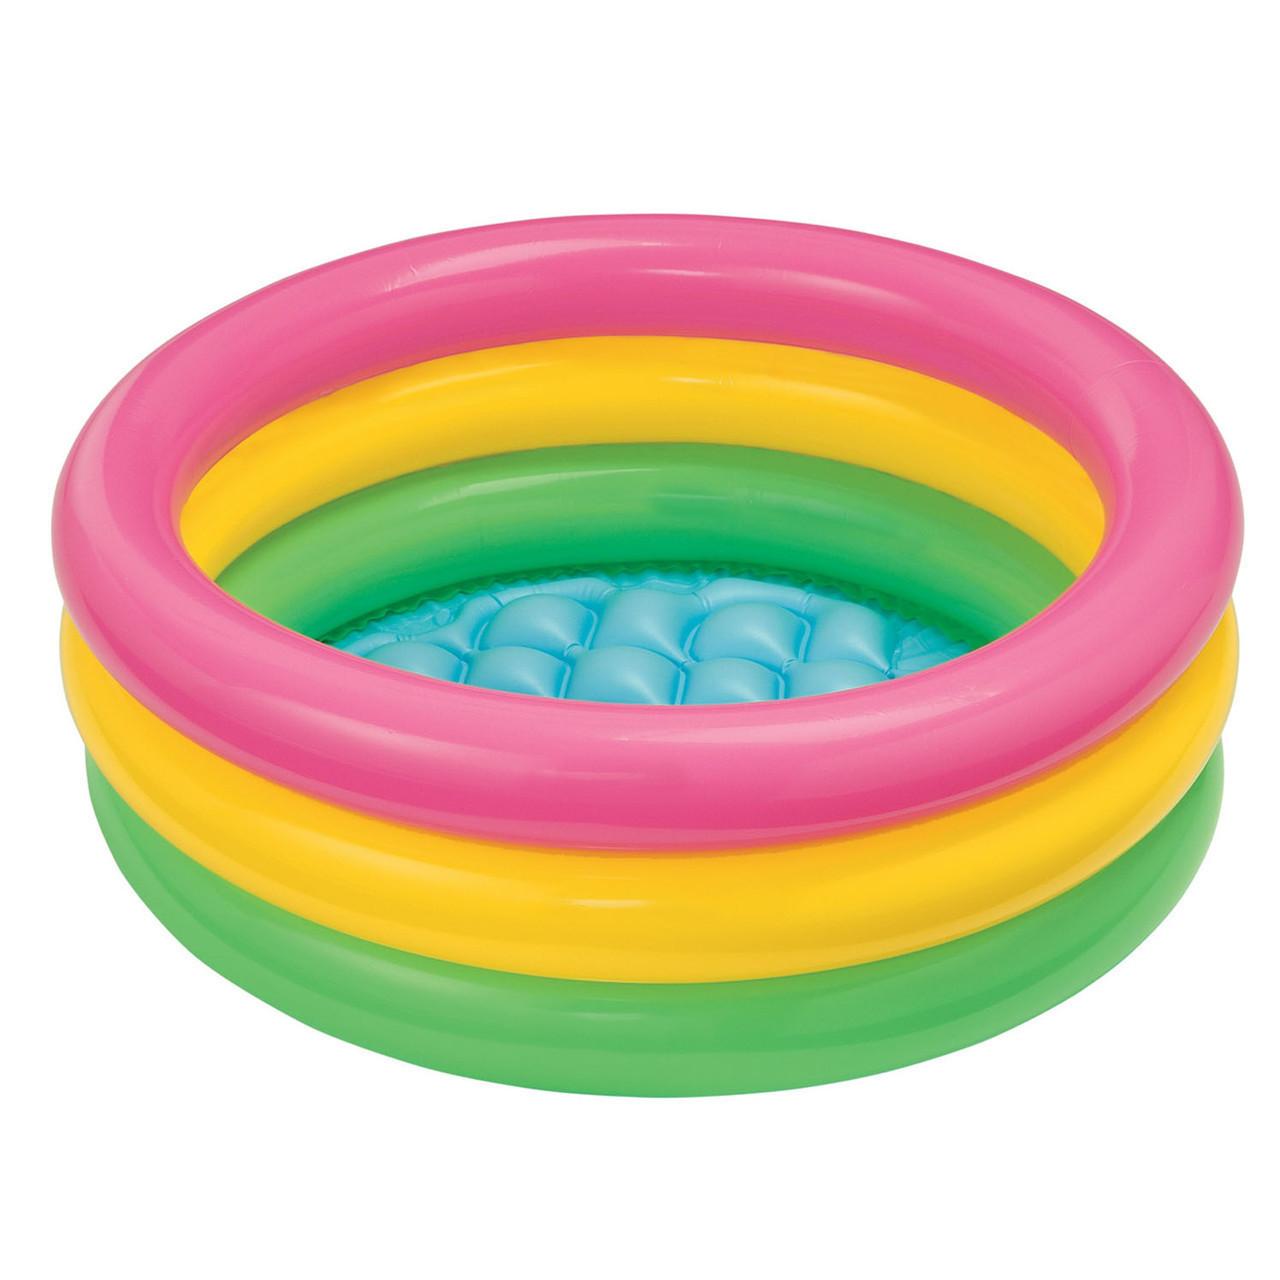 Детский надувной бассейн Intex Радужный 114х25 см (57412)